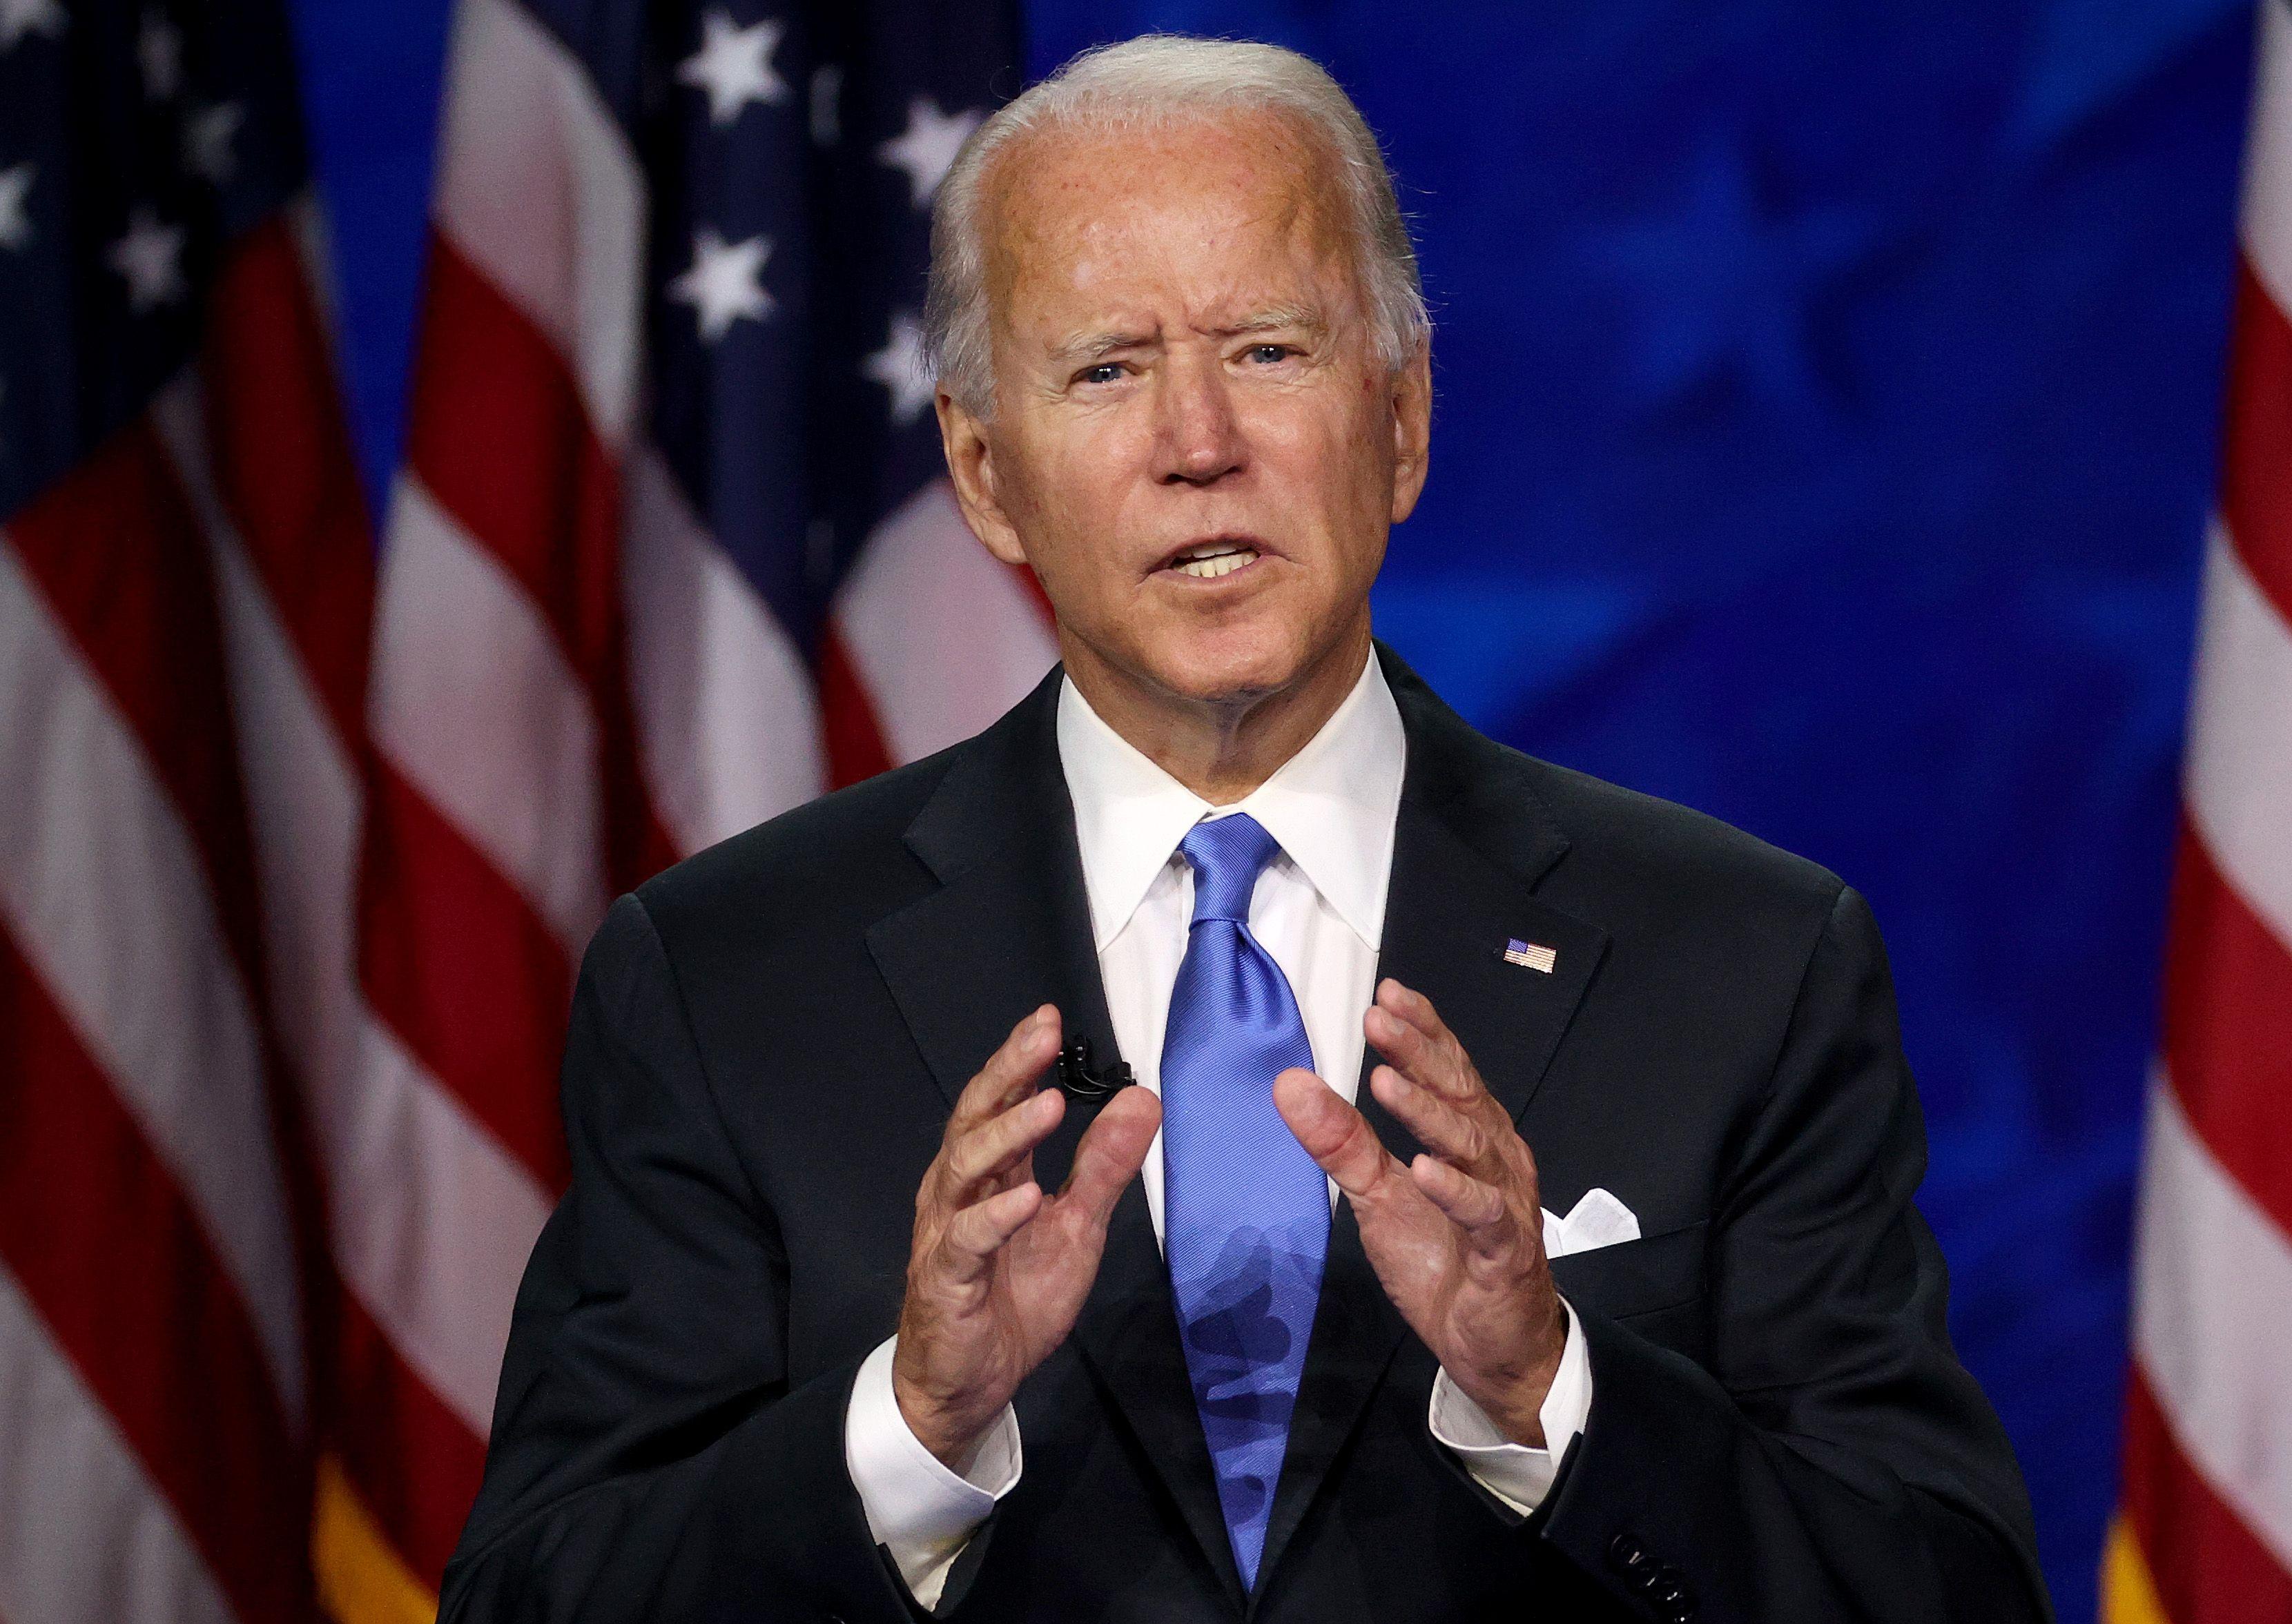 What Is Joe Biden S Net Worth How Much Money Is Joe Biden Worth